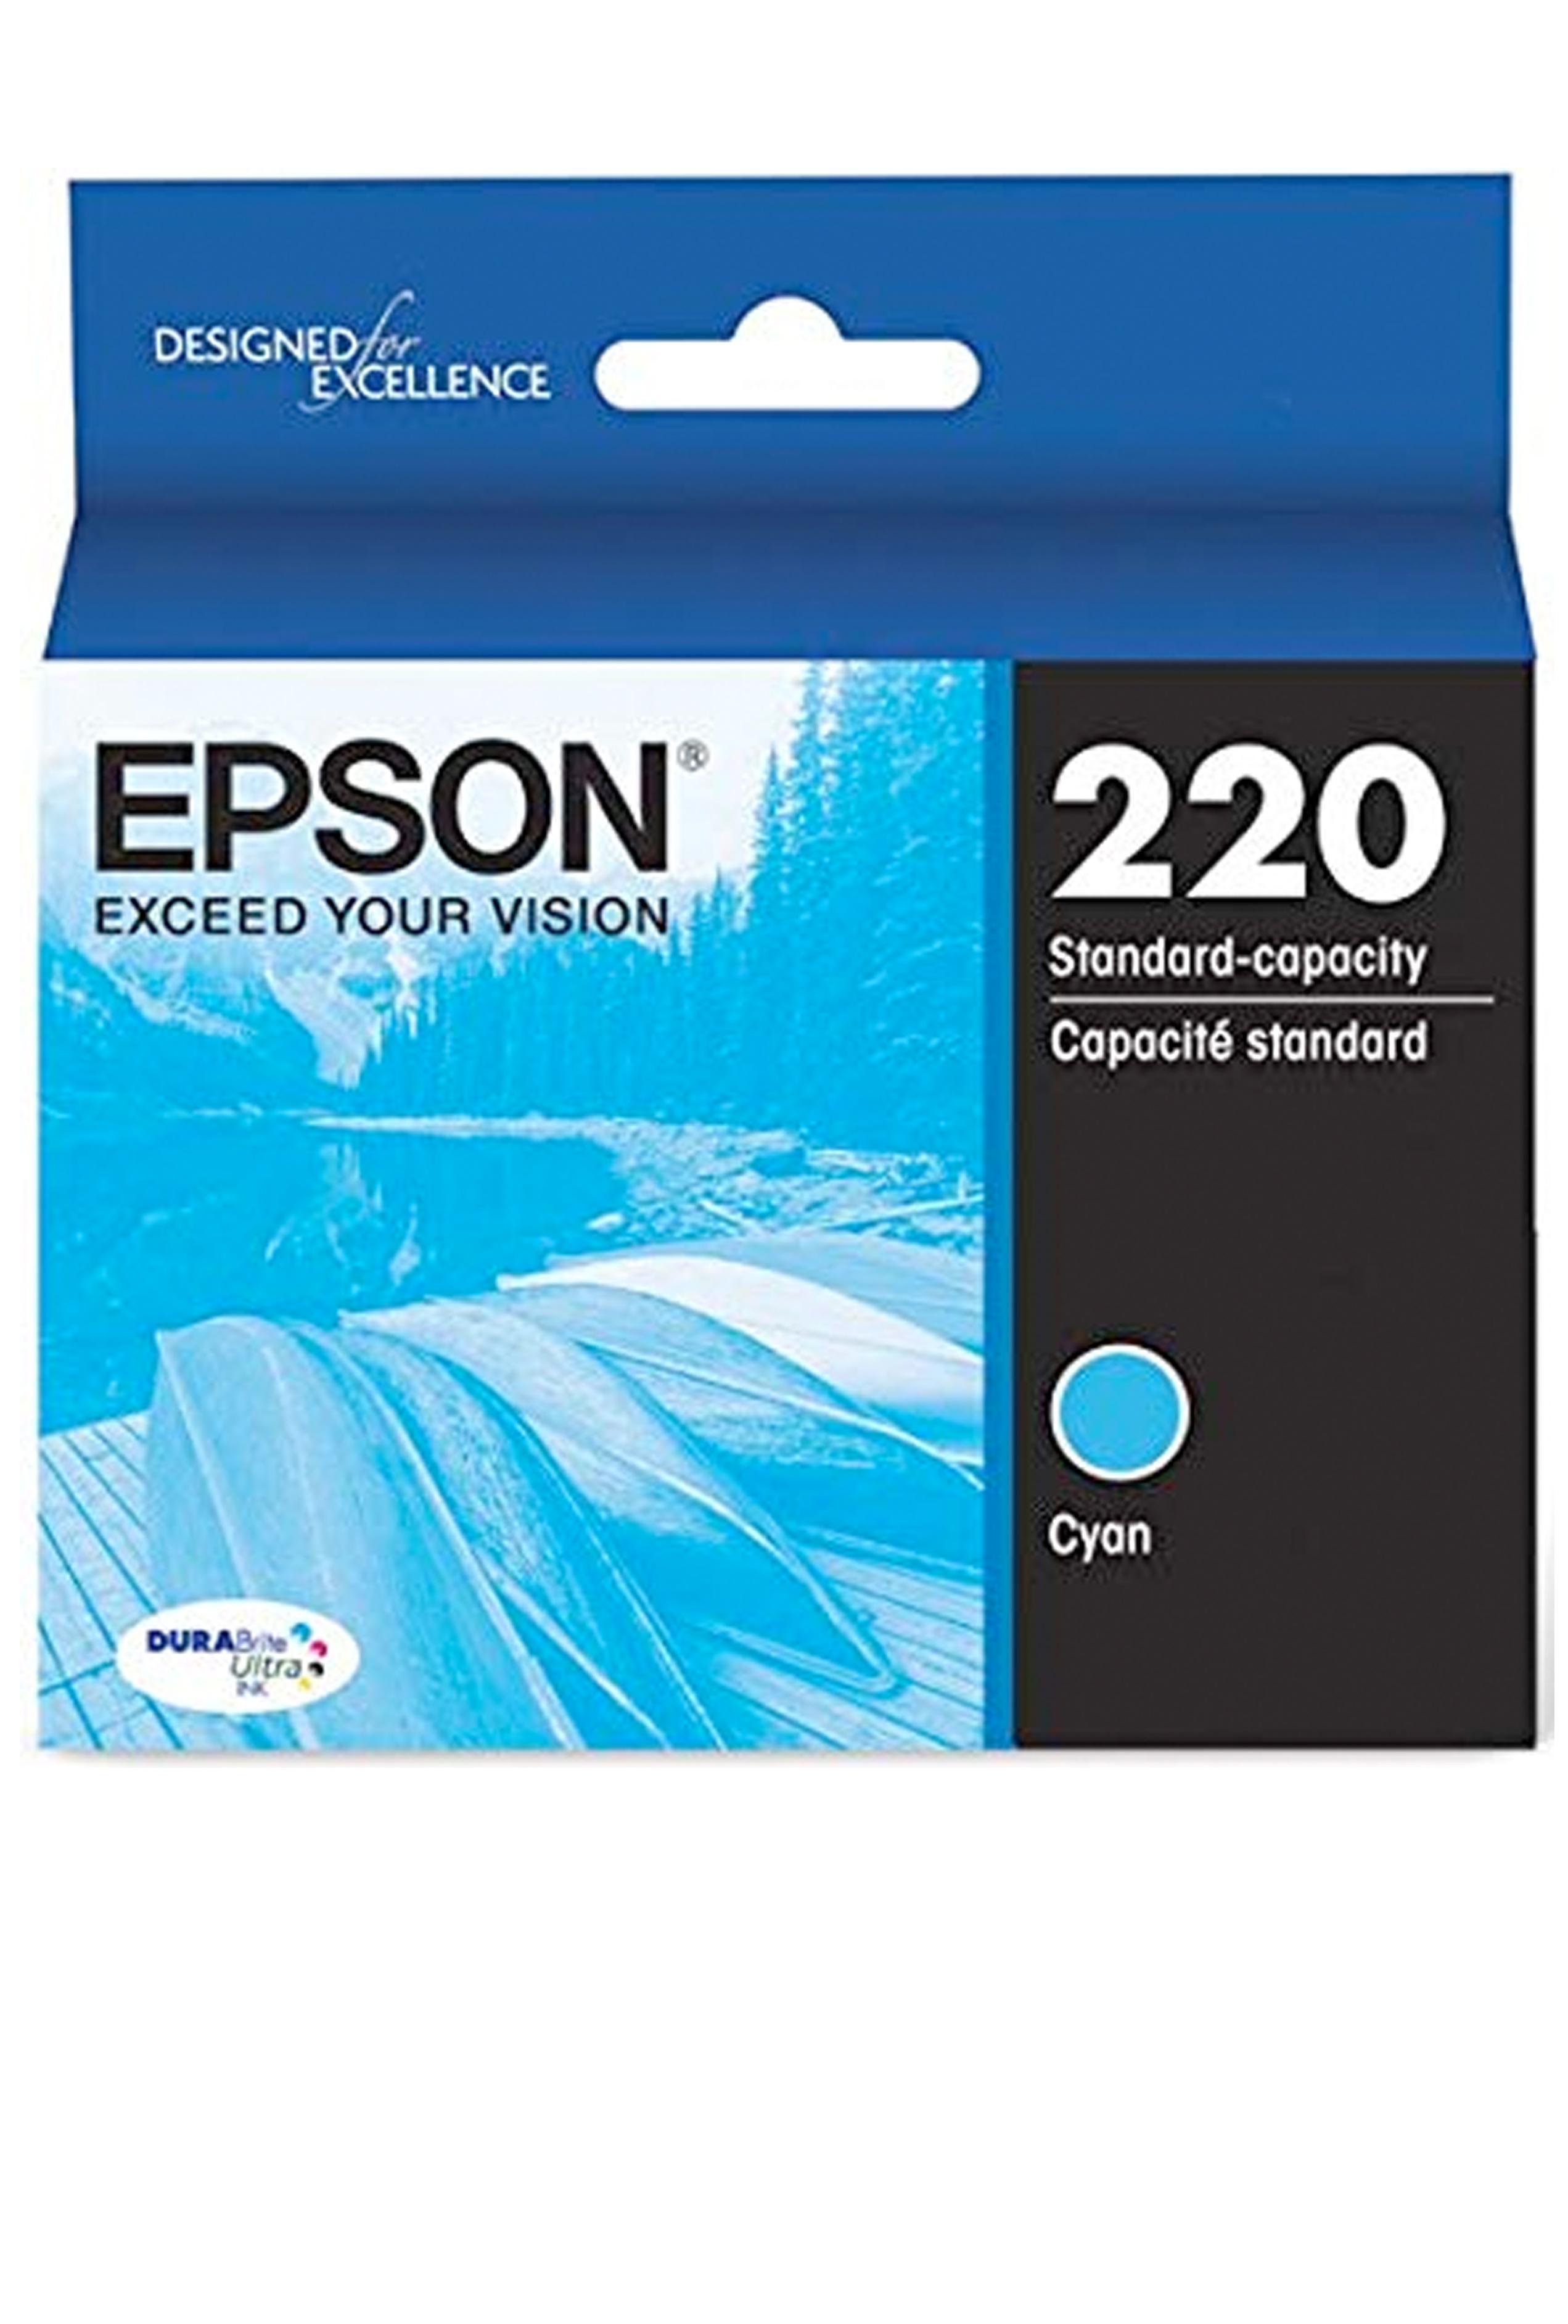 Epson 220, Cyan Ink Cartridge (T220220-S)